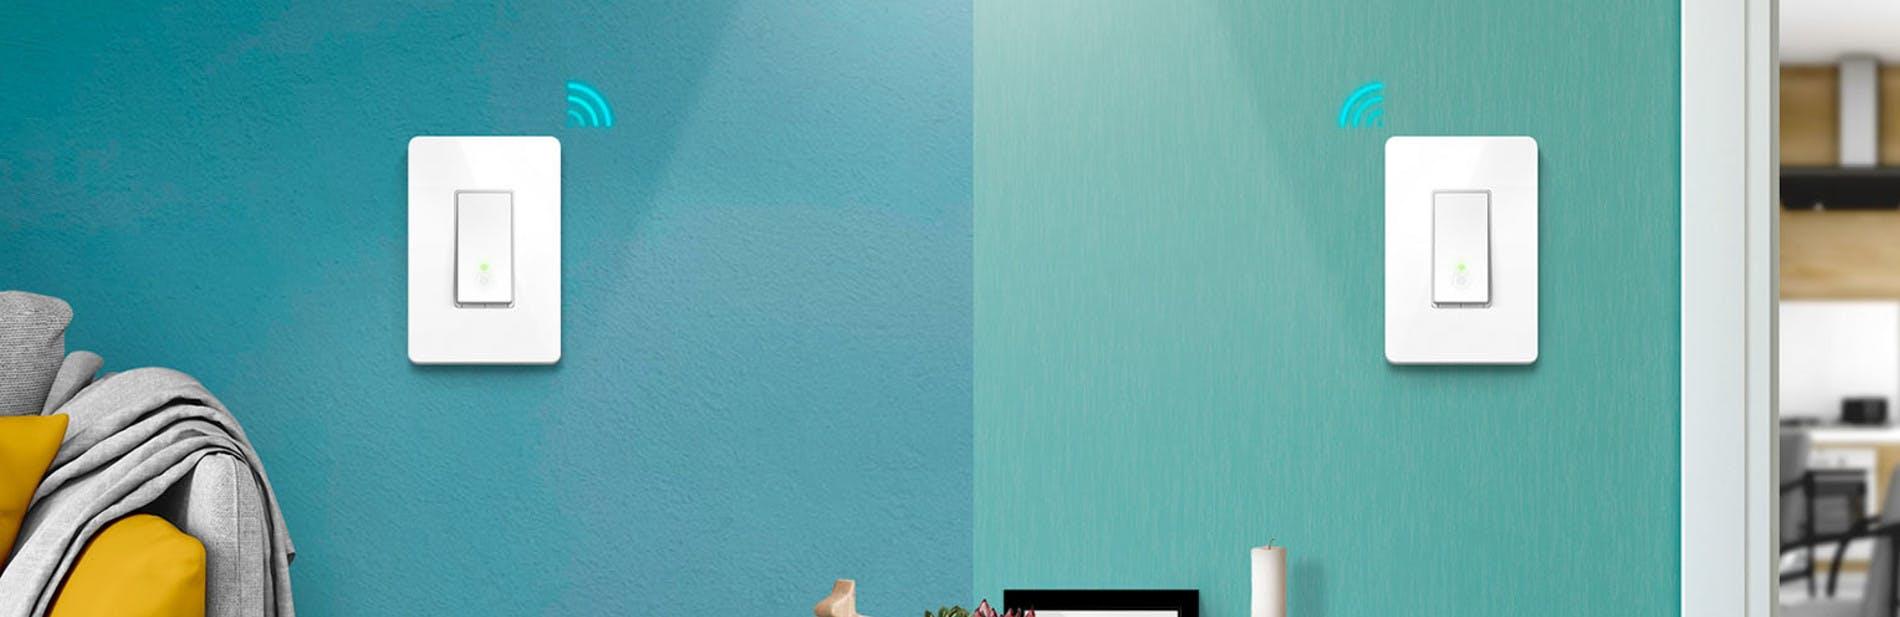 Kasa Smart Wi-Fi Light Switch 3 Way Product Banner